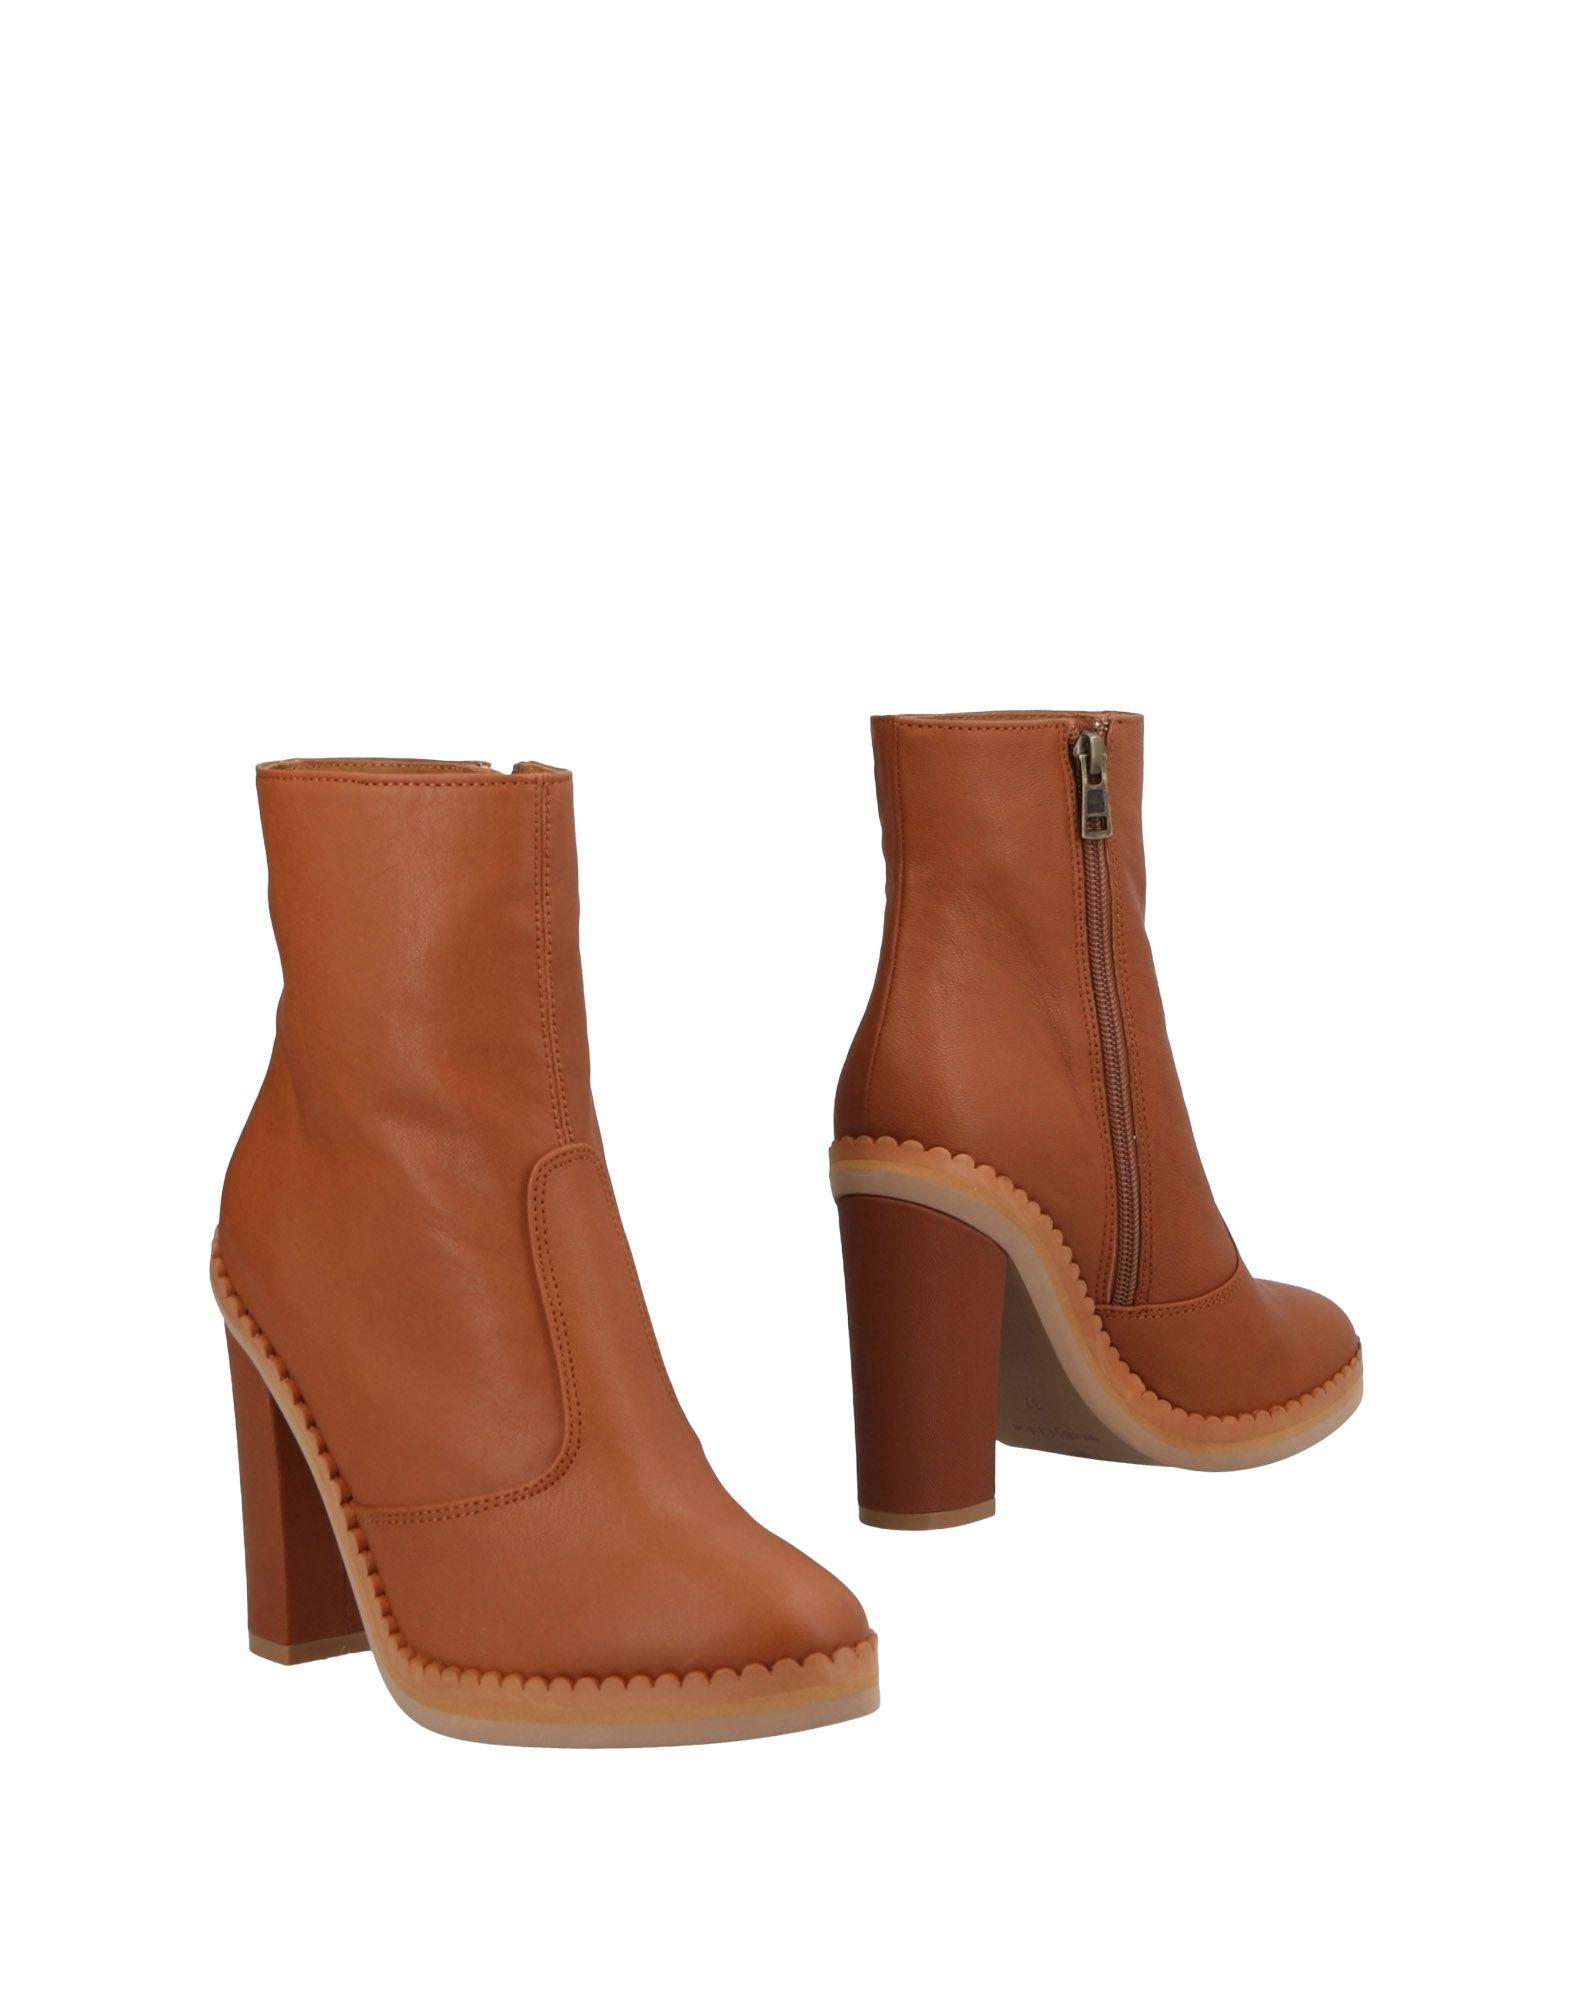 Rabatt Schuhe See By Chloé Stiefelette Damen  11483602FU